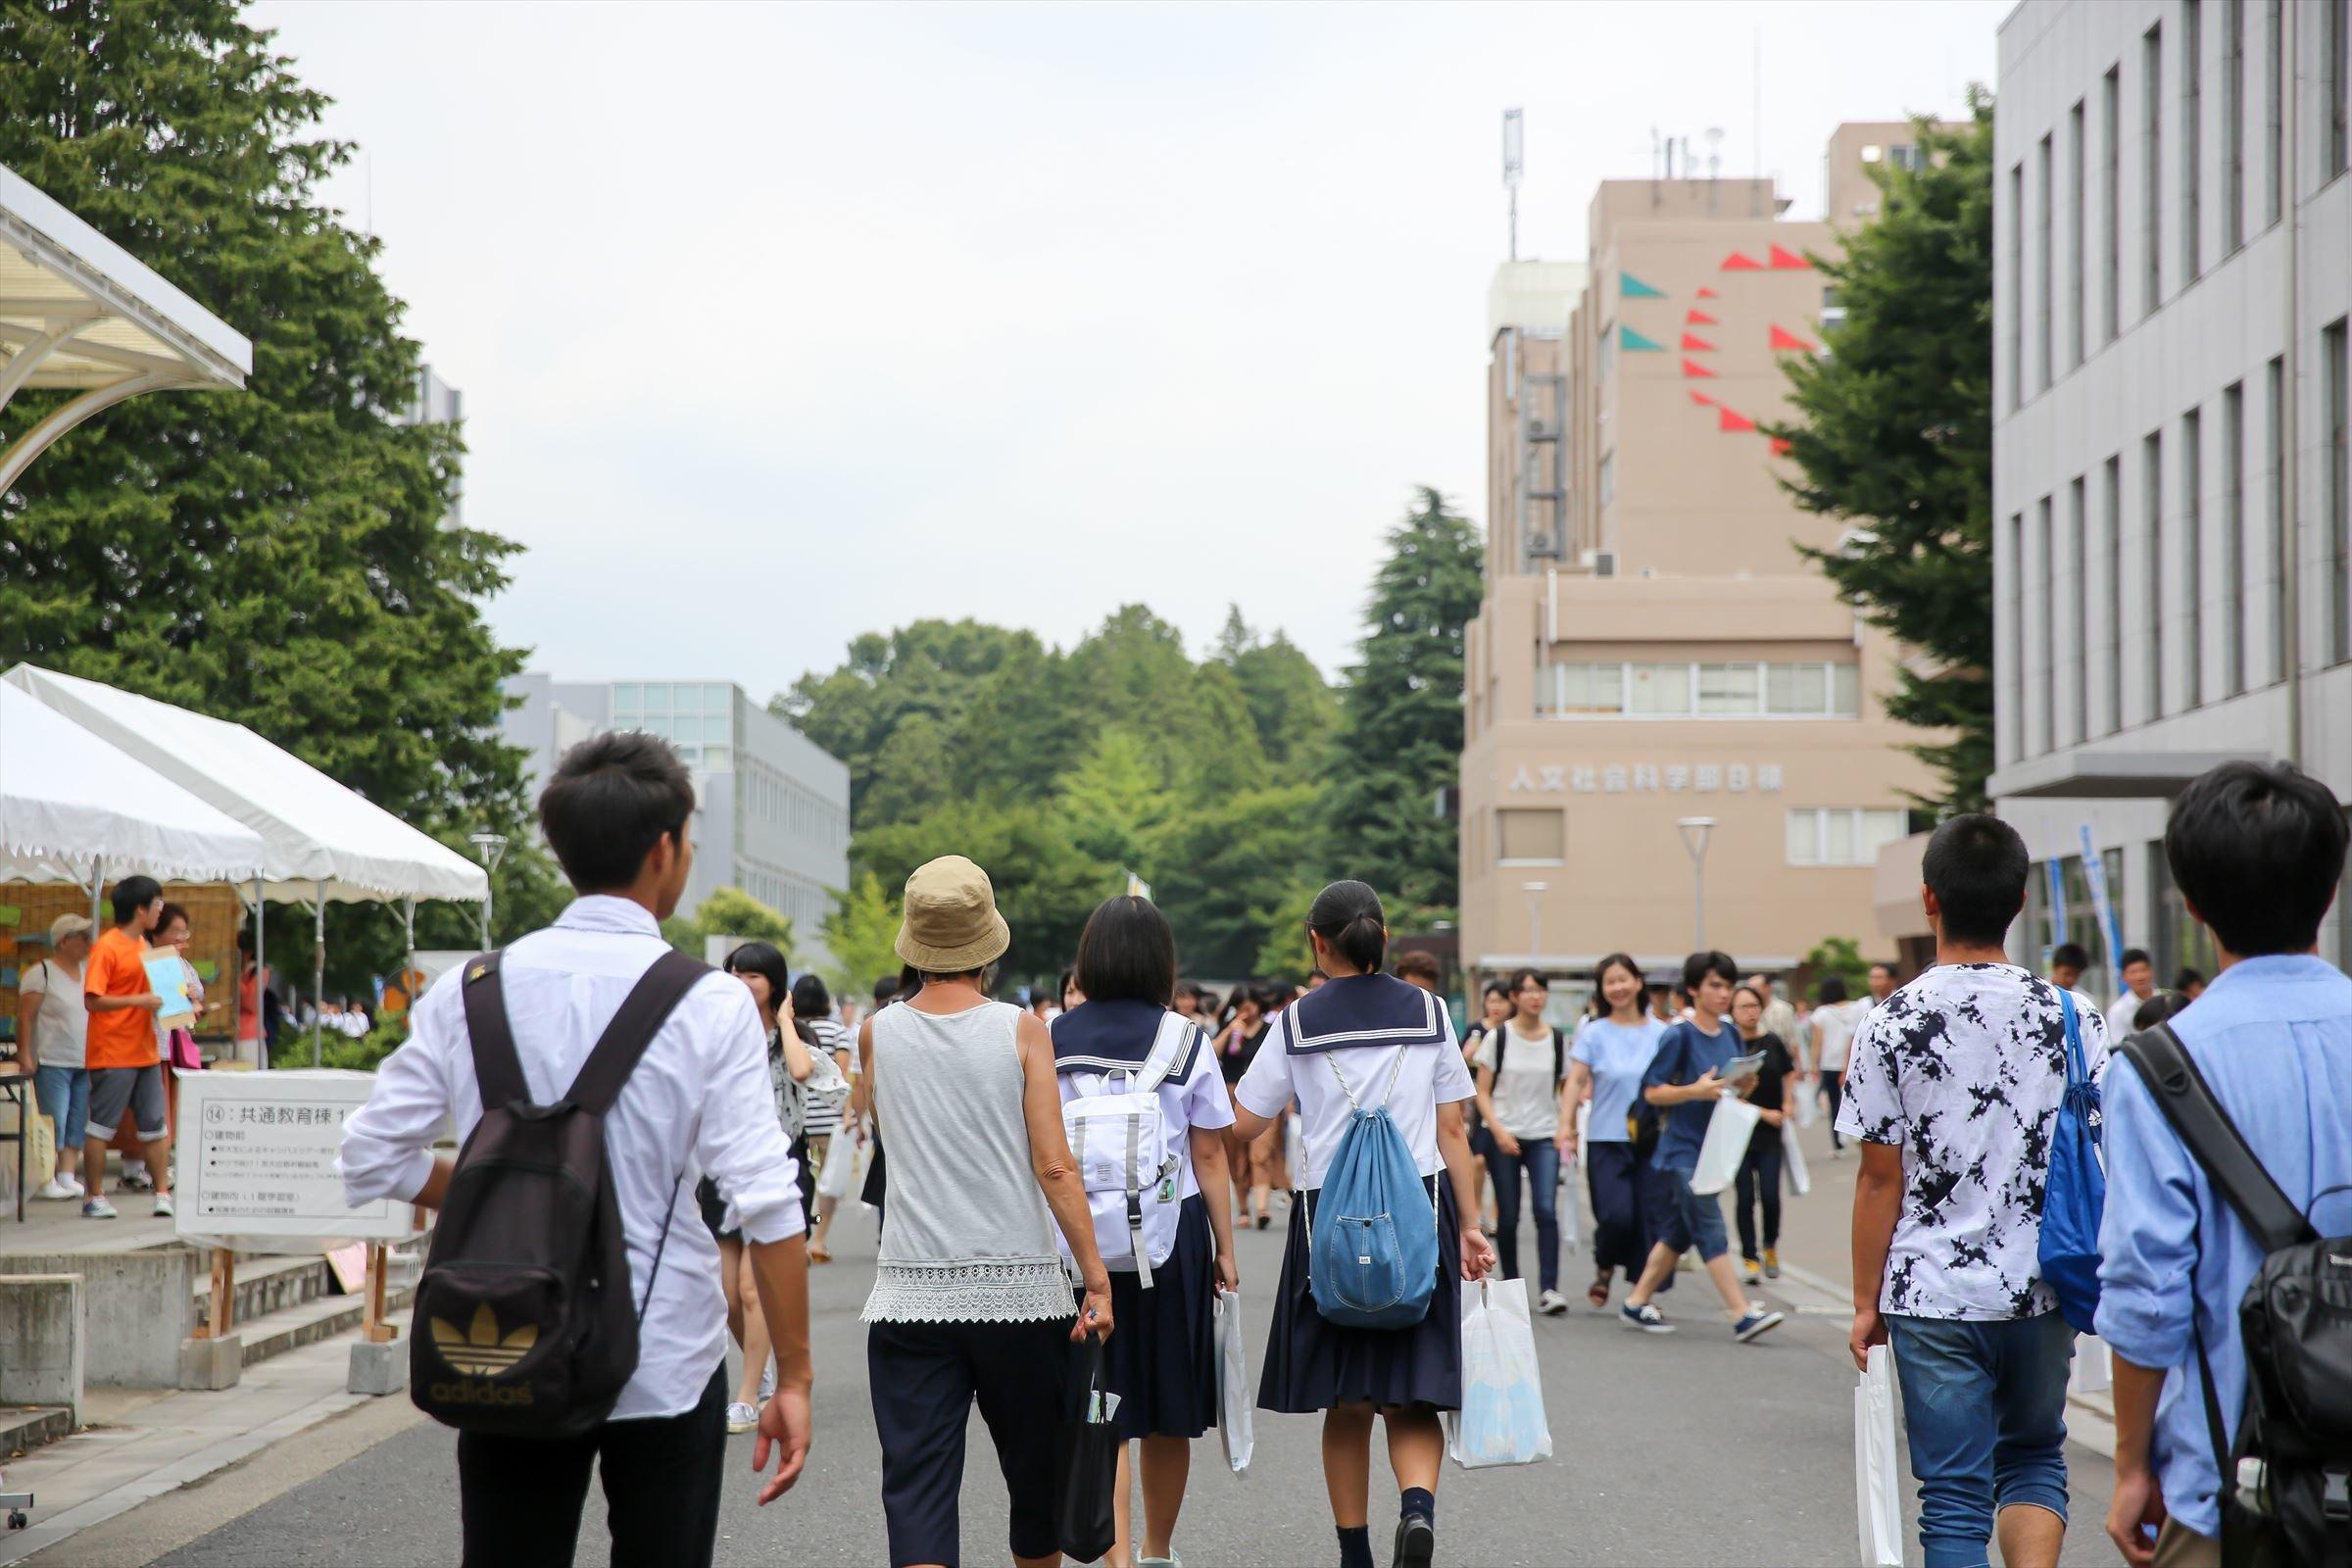 茨城 県立 医療 大学 オープン キャンパス